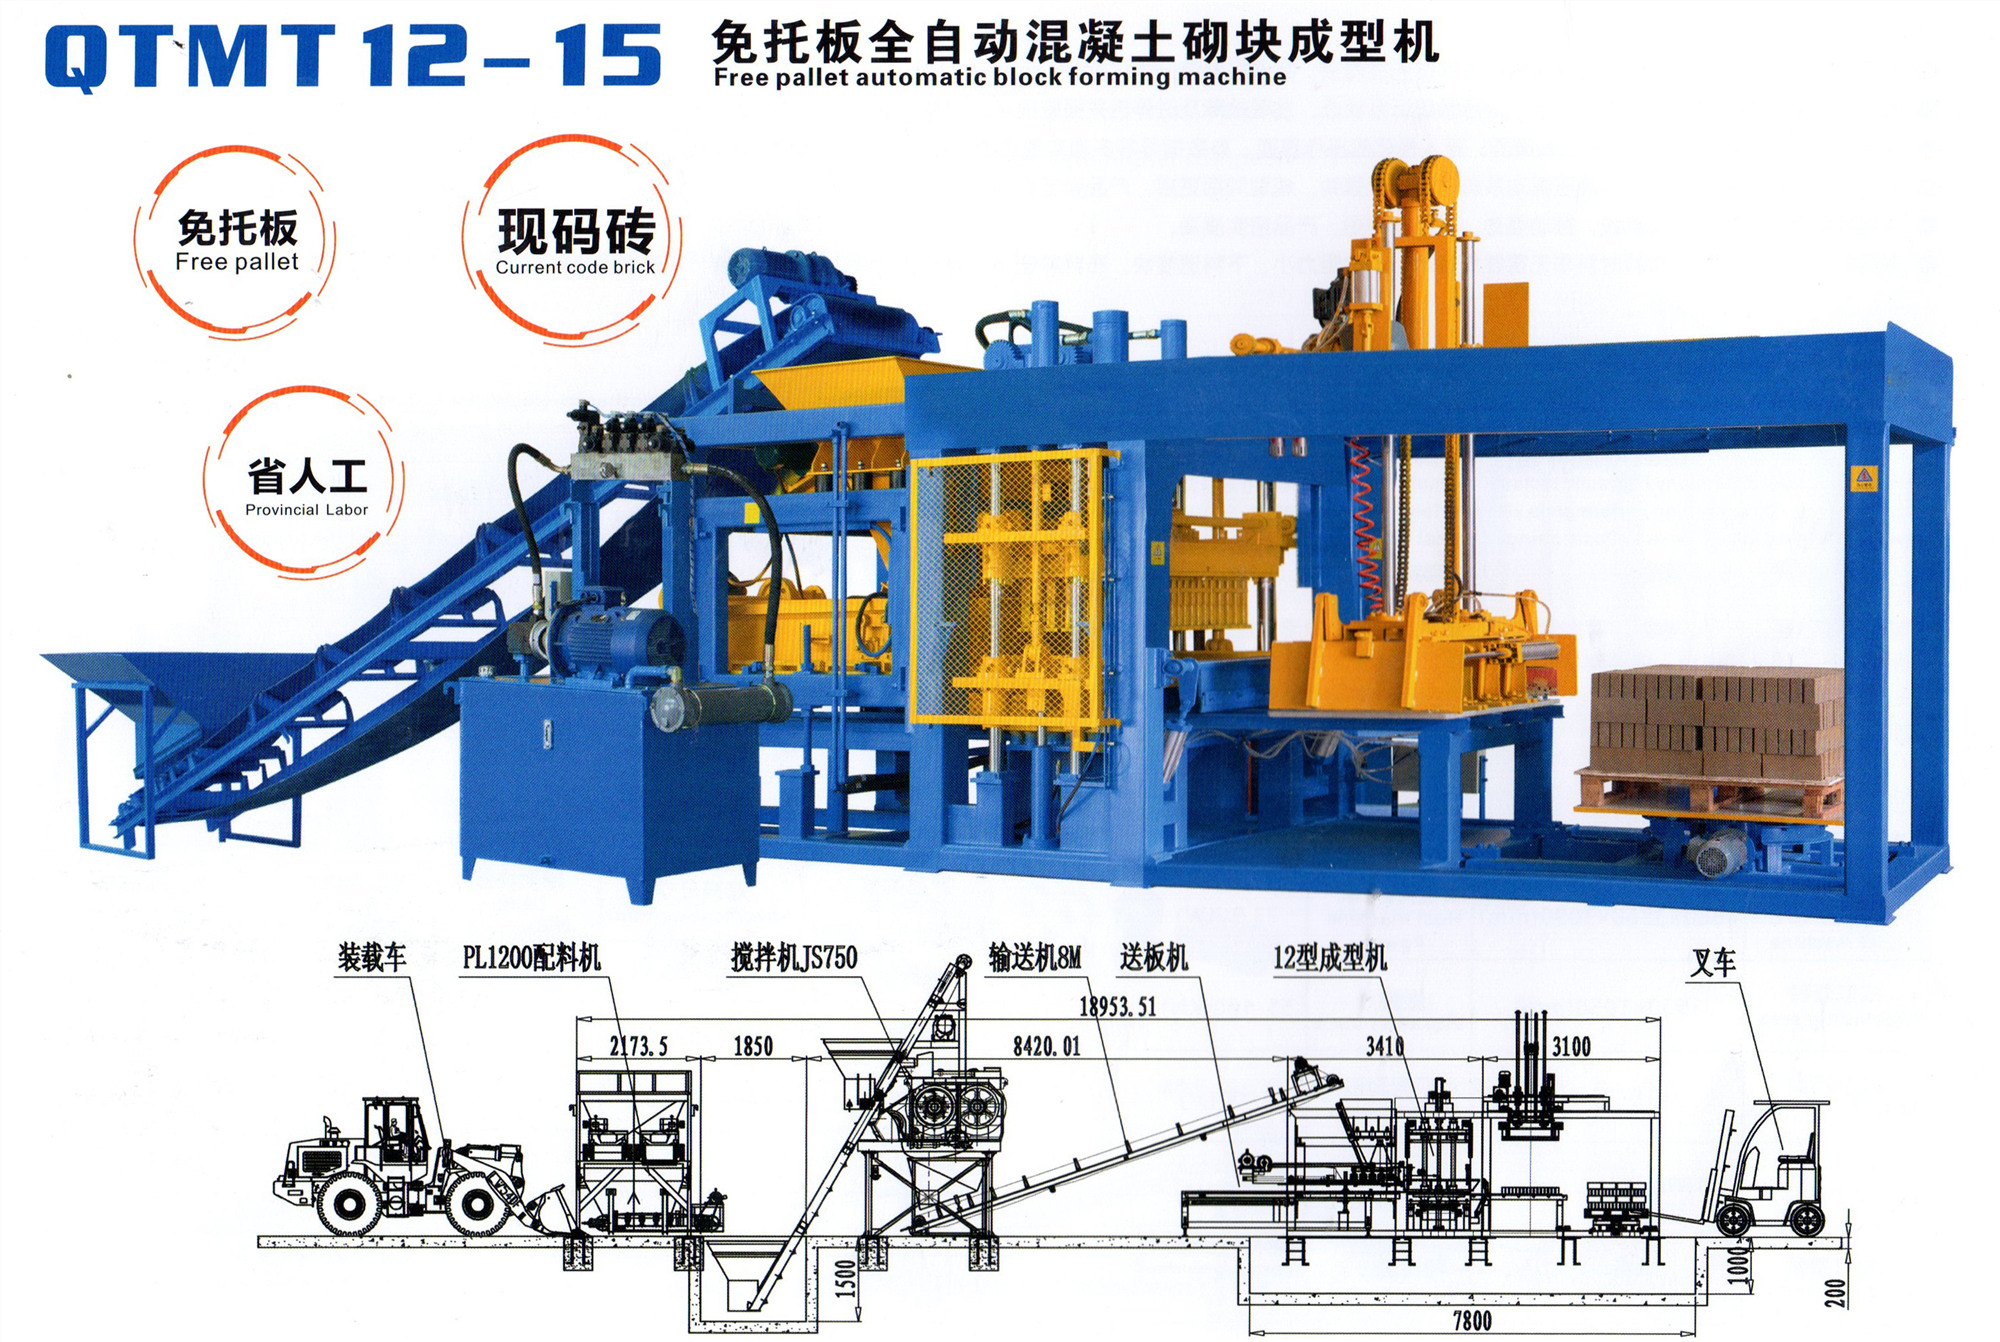 QTMT12-15 免托板全自动混凝土砌块成型机